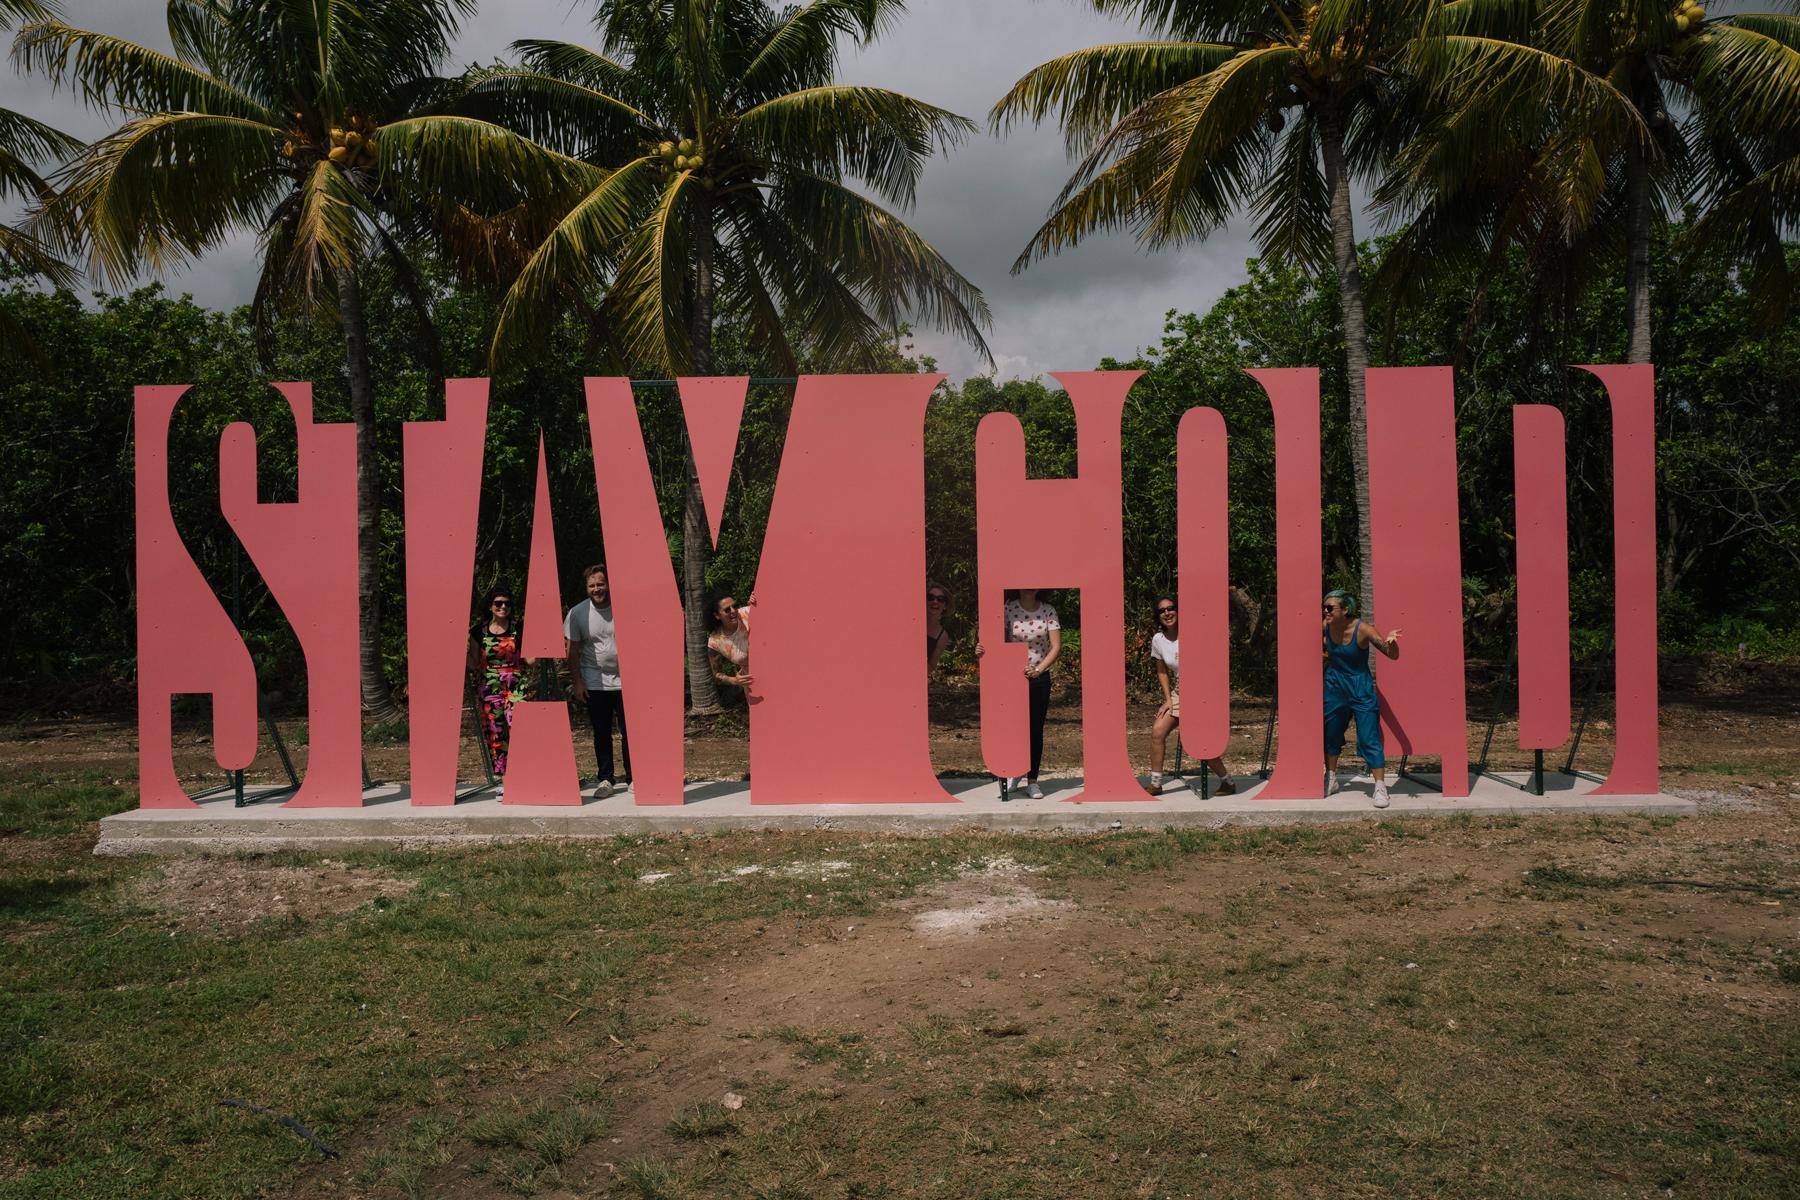 staygold02.jpg